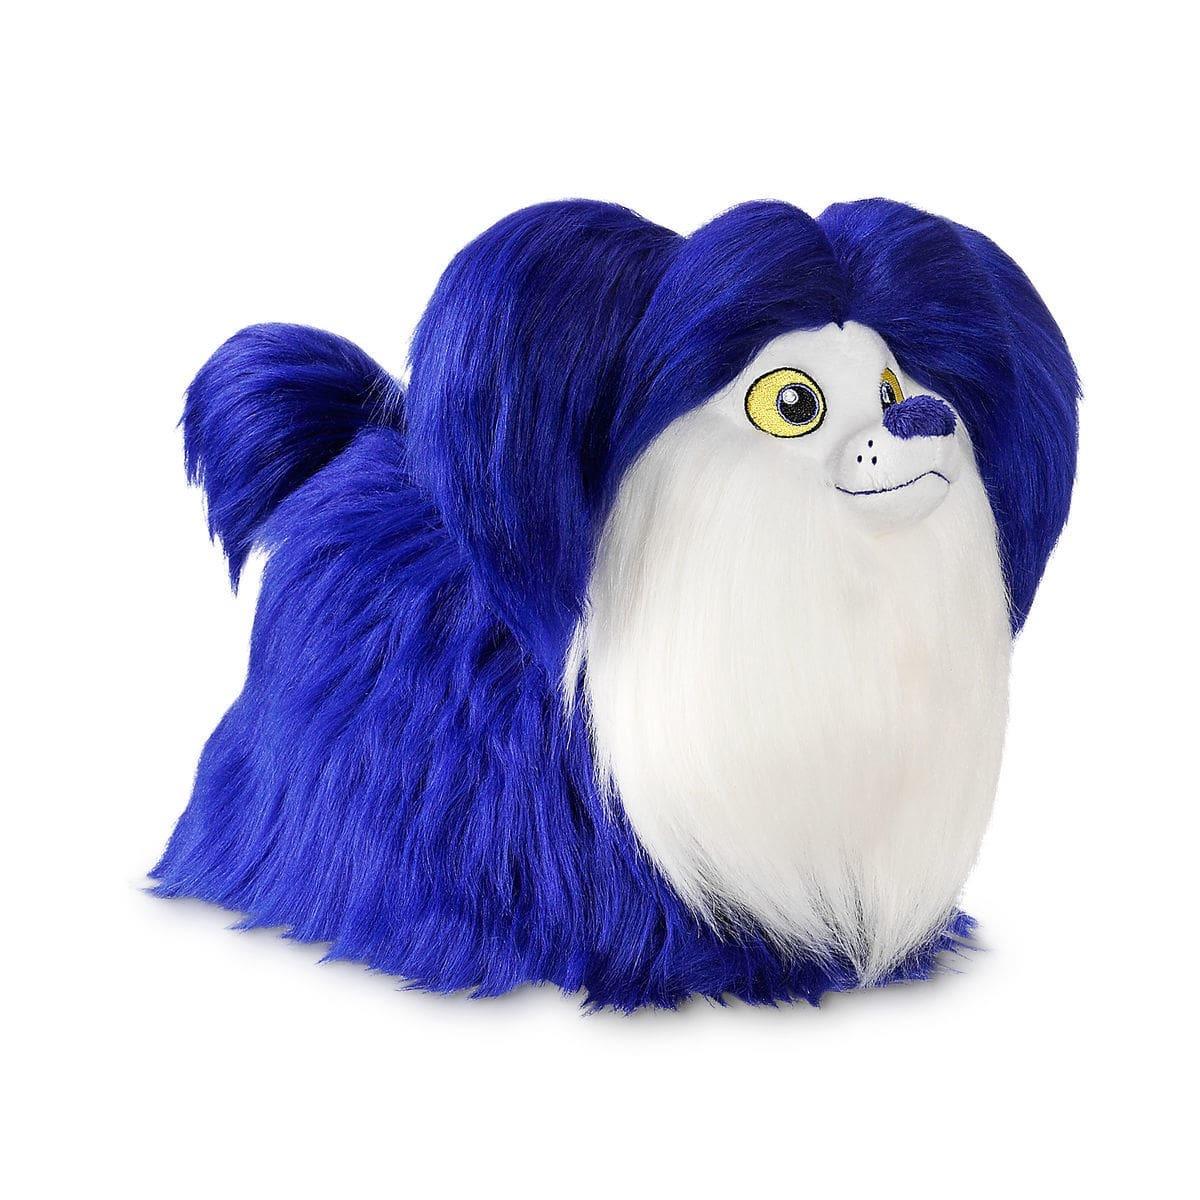 Купить Мягкая игрушка Disney Вулфи Вамперина Дисней 0837P, Мягкие игрушки персонажи